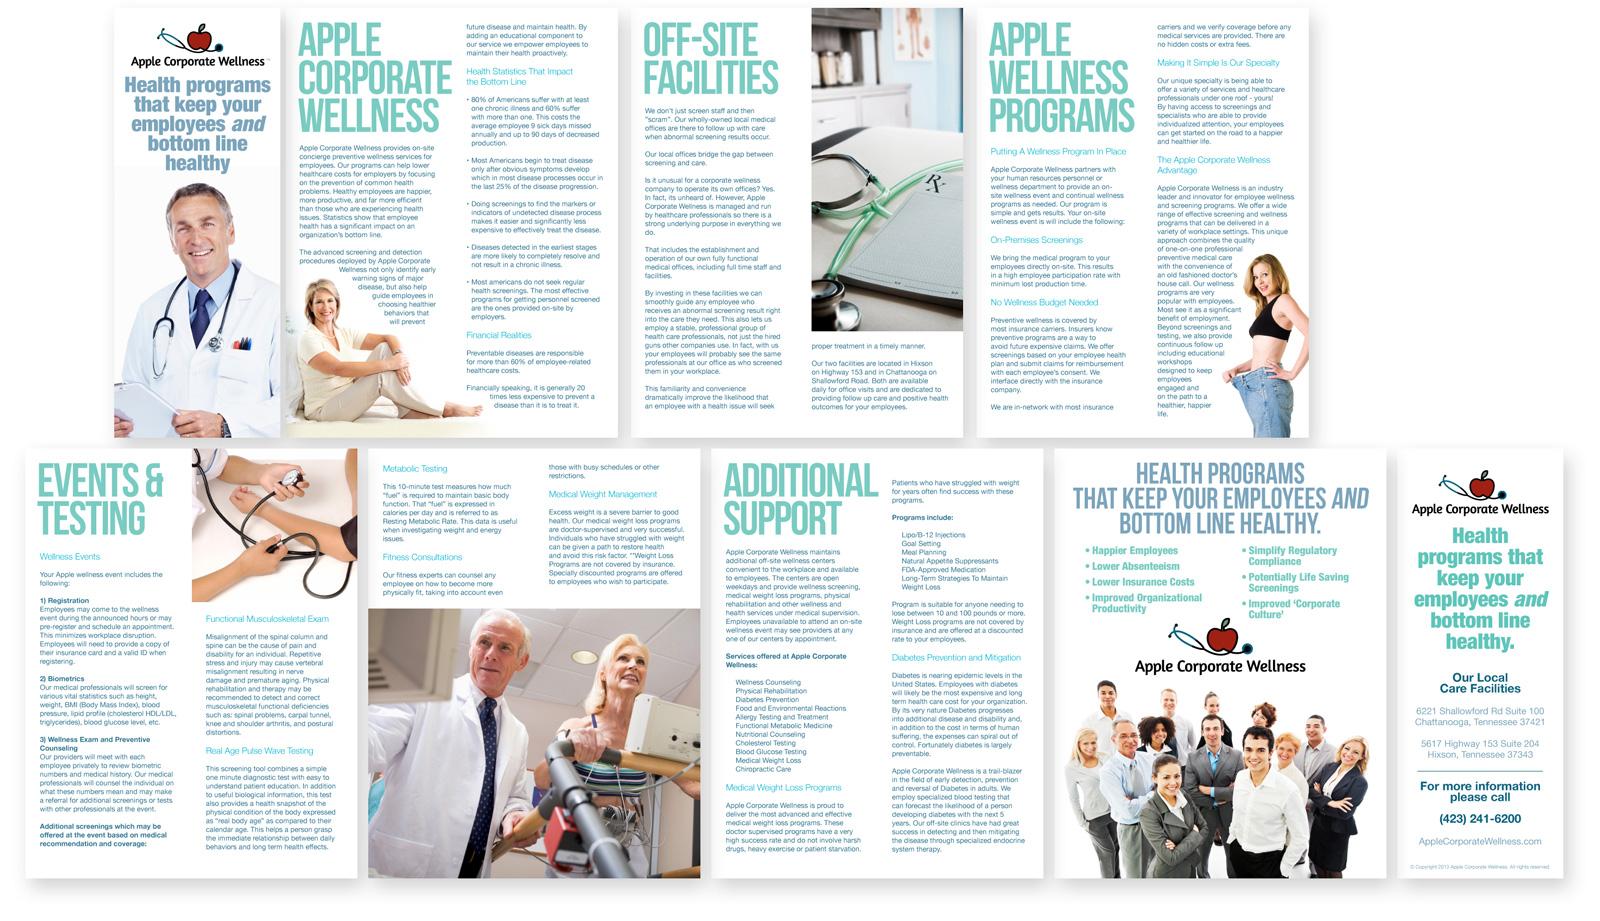 Apple-wellness-booklet-webstack-2.jpg